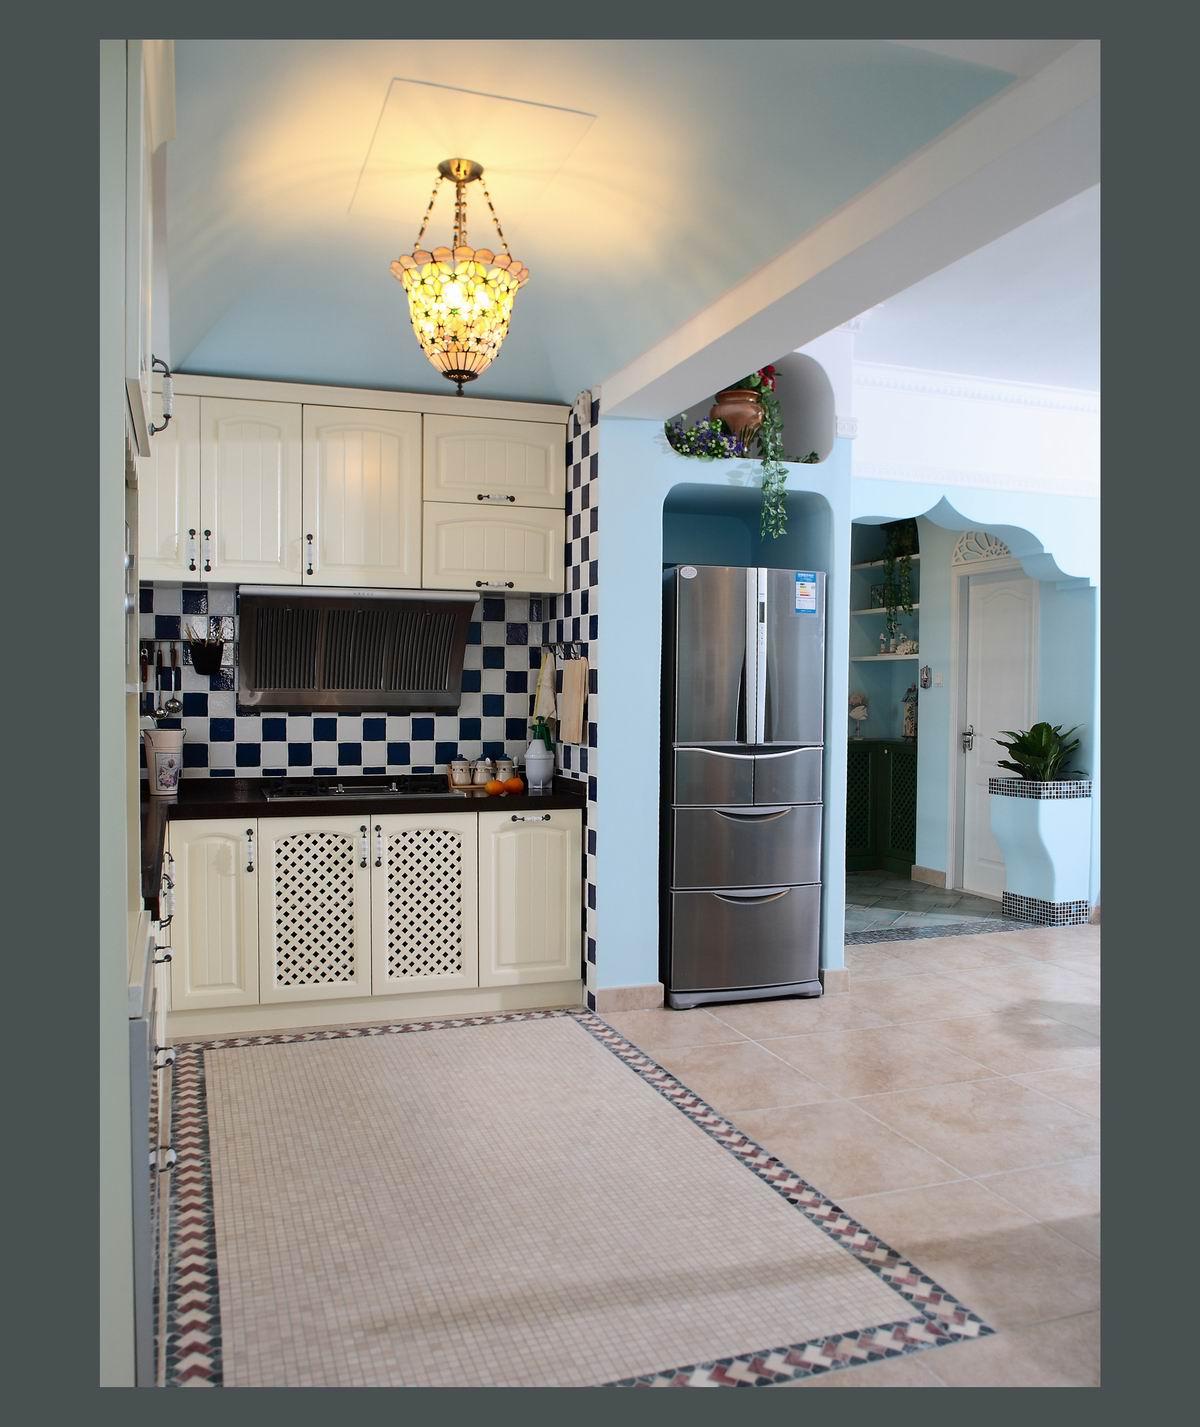 厨房宽敞而且干净,橱柜收纳充足,地砖颜色好看还耐脏。